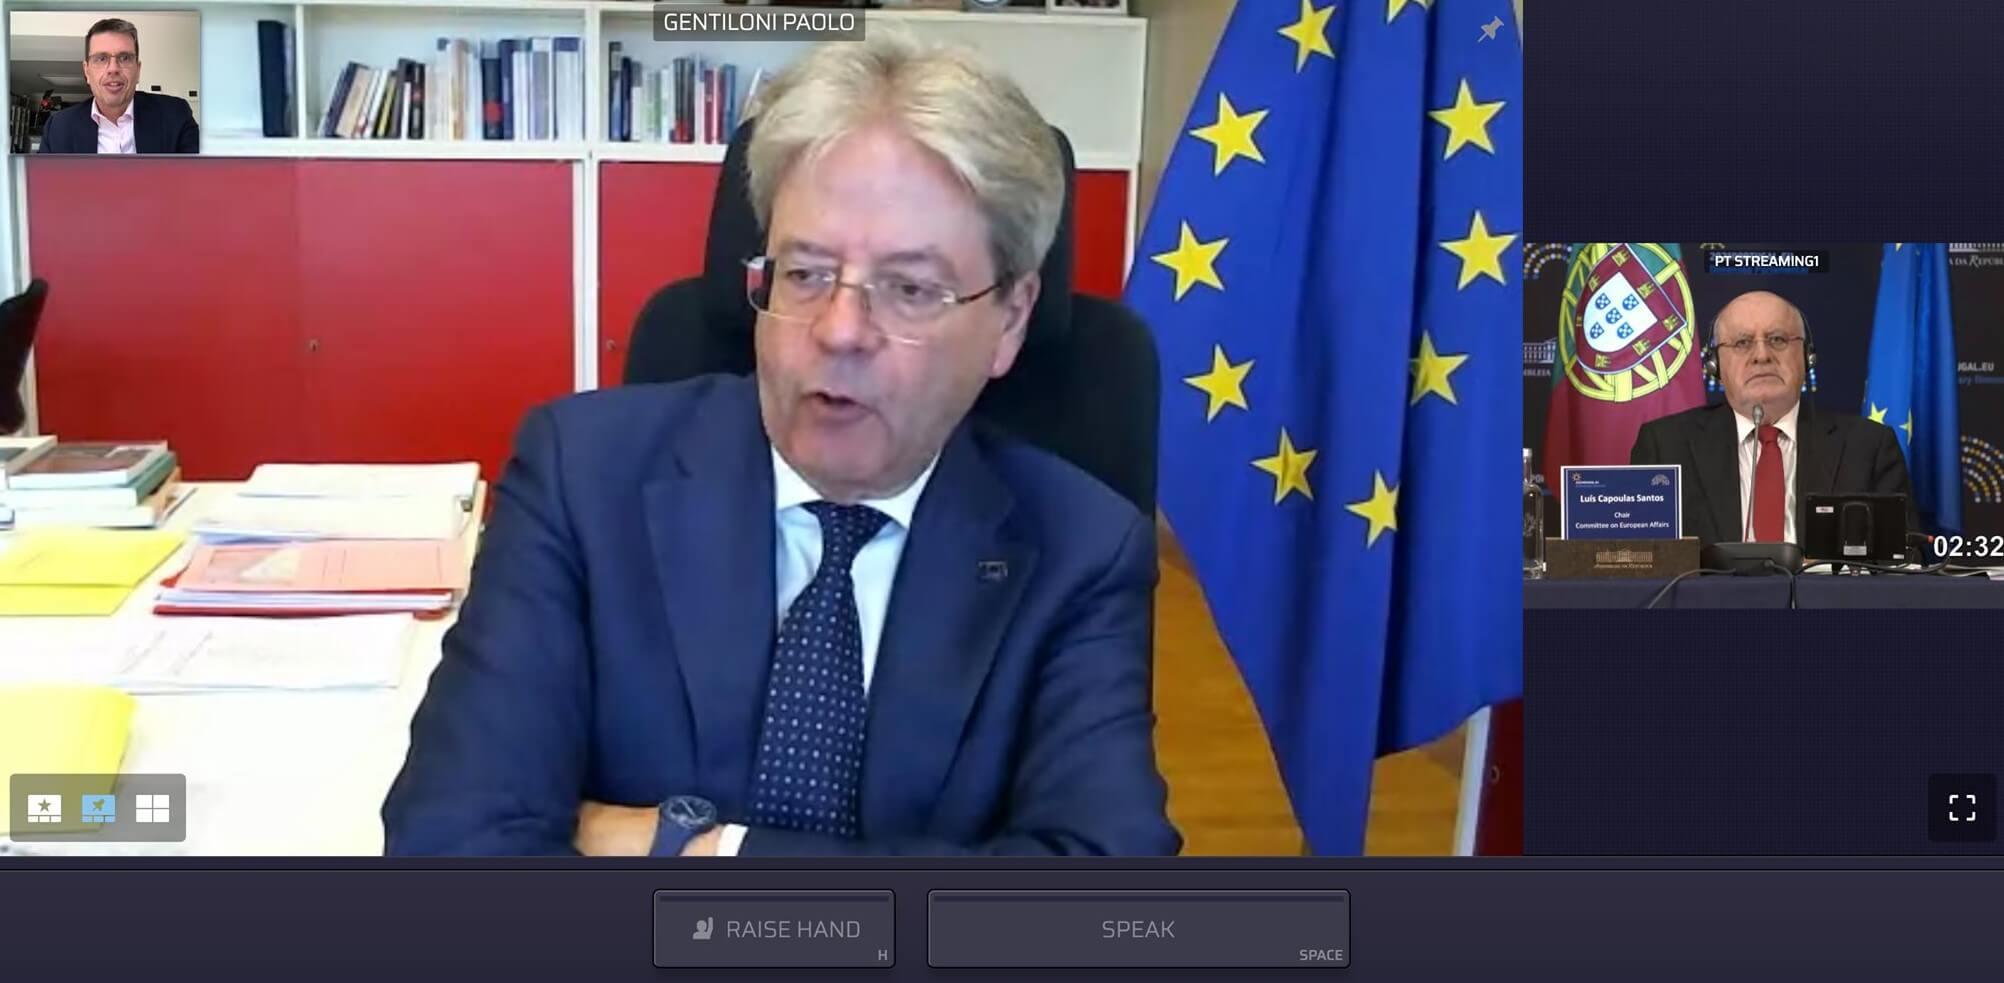 65η Ολομέλεια της Διάσκεψης των Επιτροπών Ευρωπαϊκών Υποθέσεων των Κοινοβουλίων της Ε.Ε.